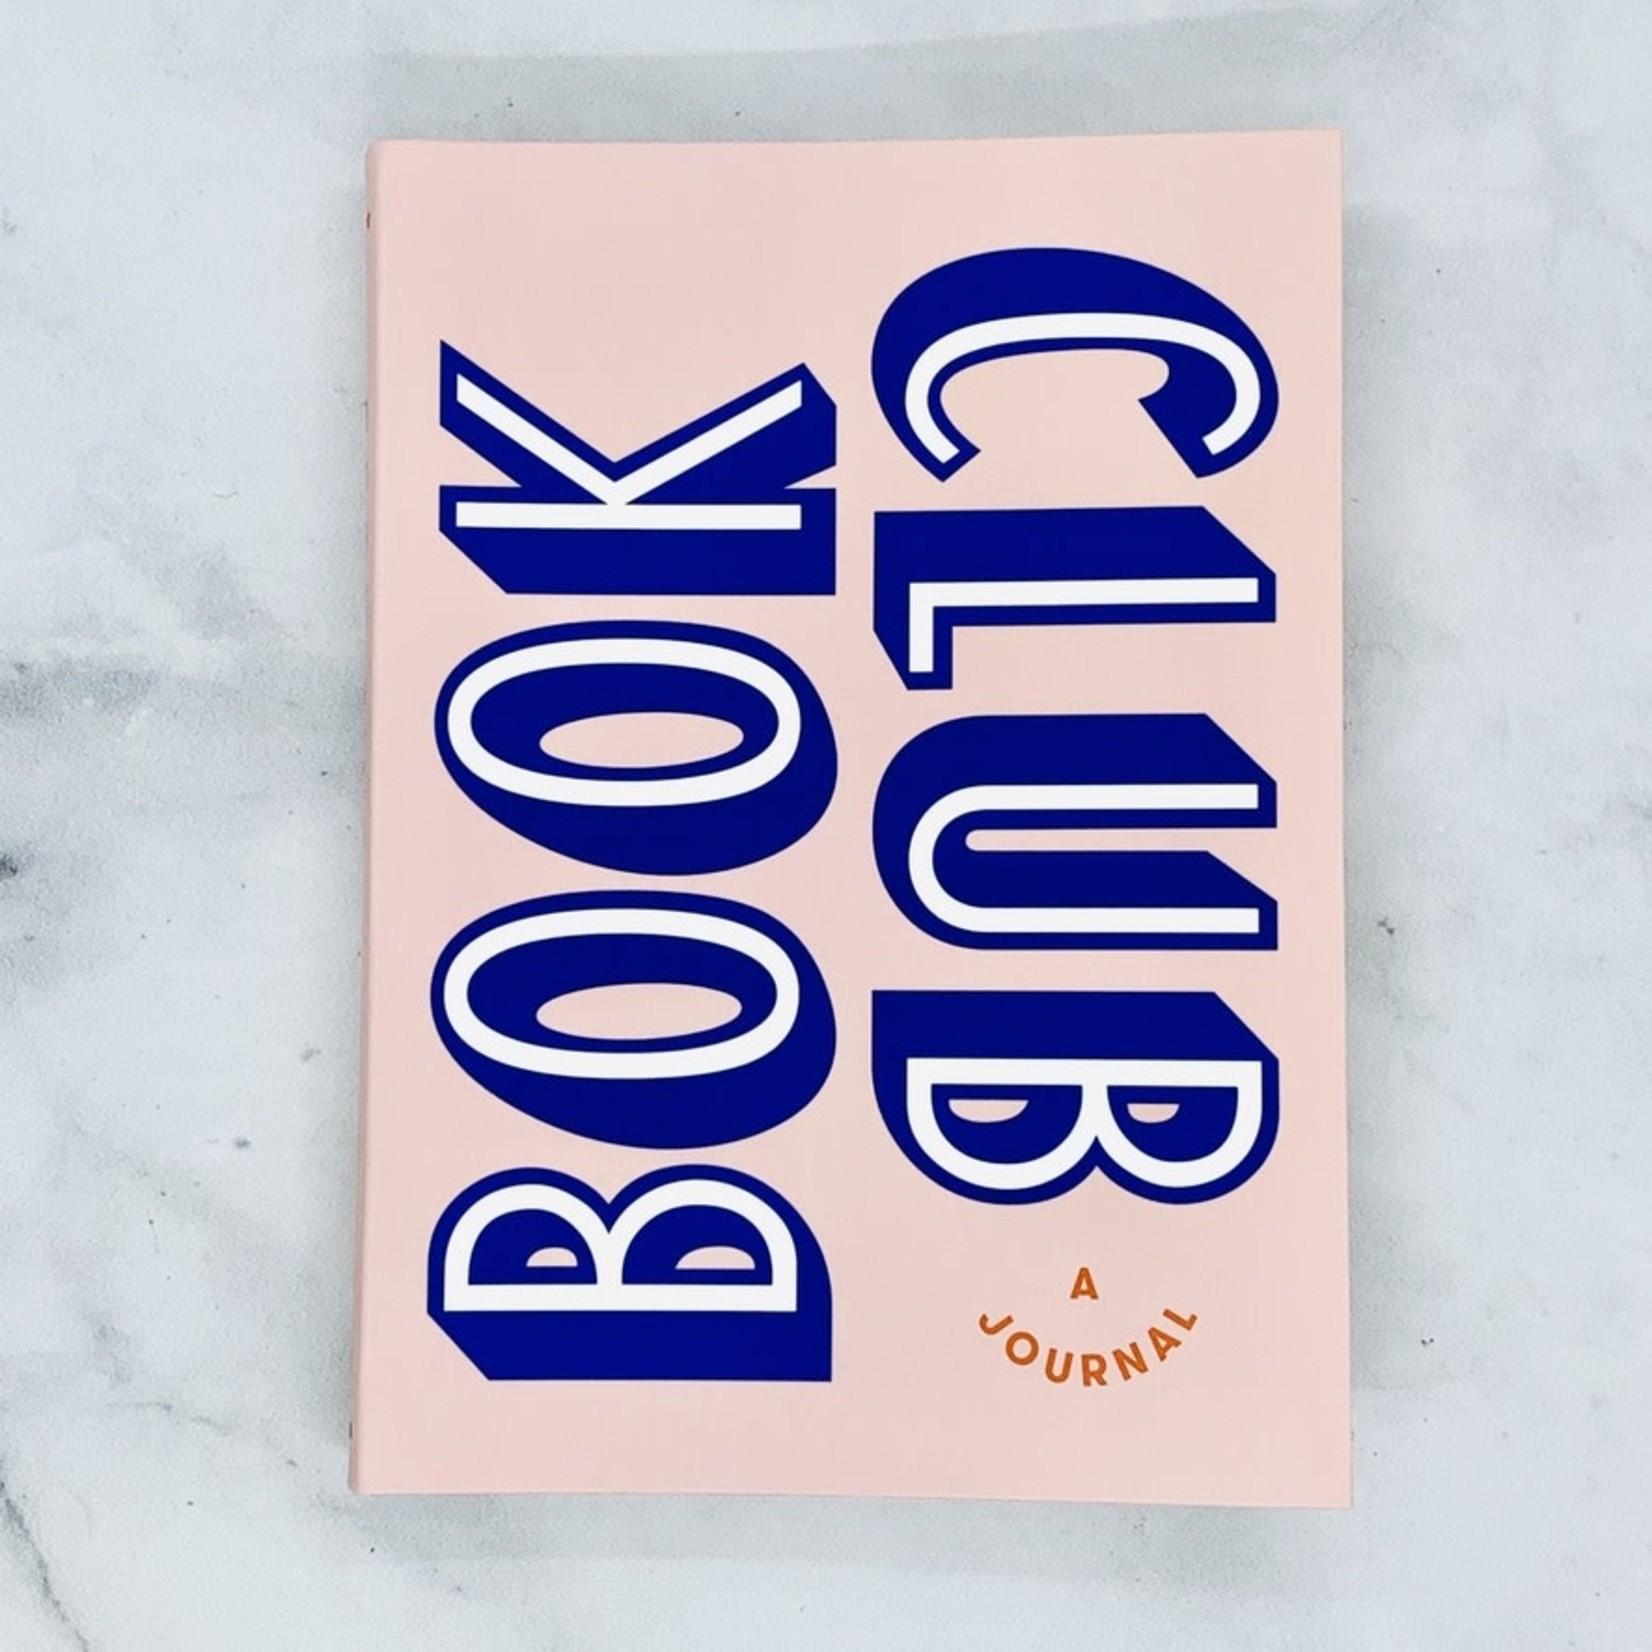 Book Club: A Journal